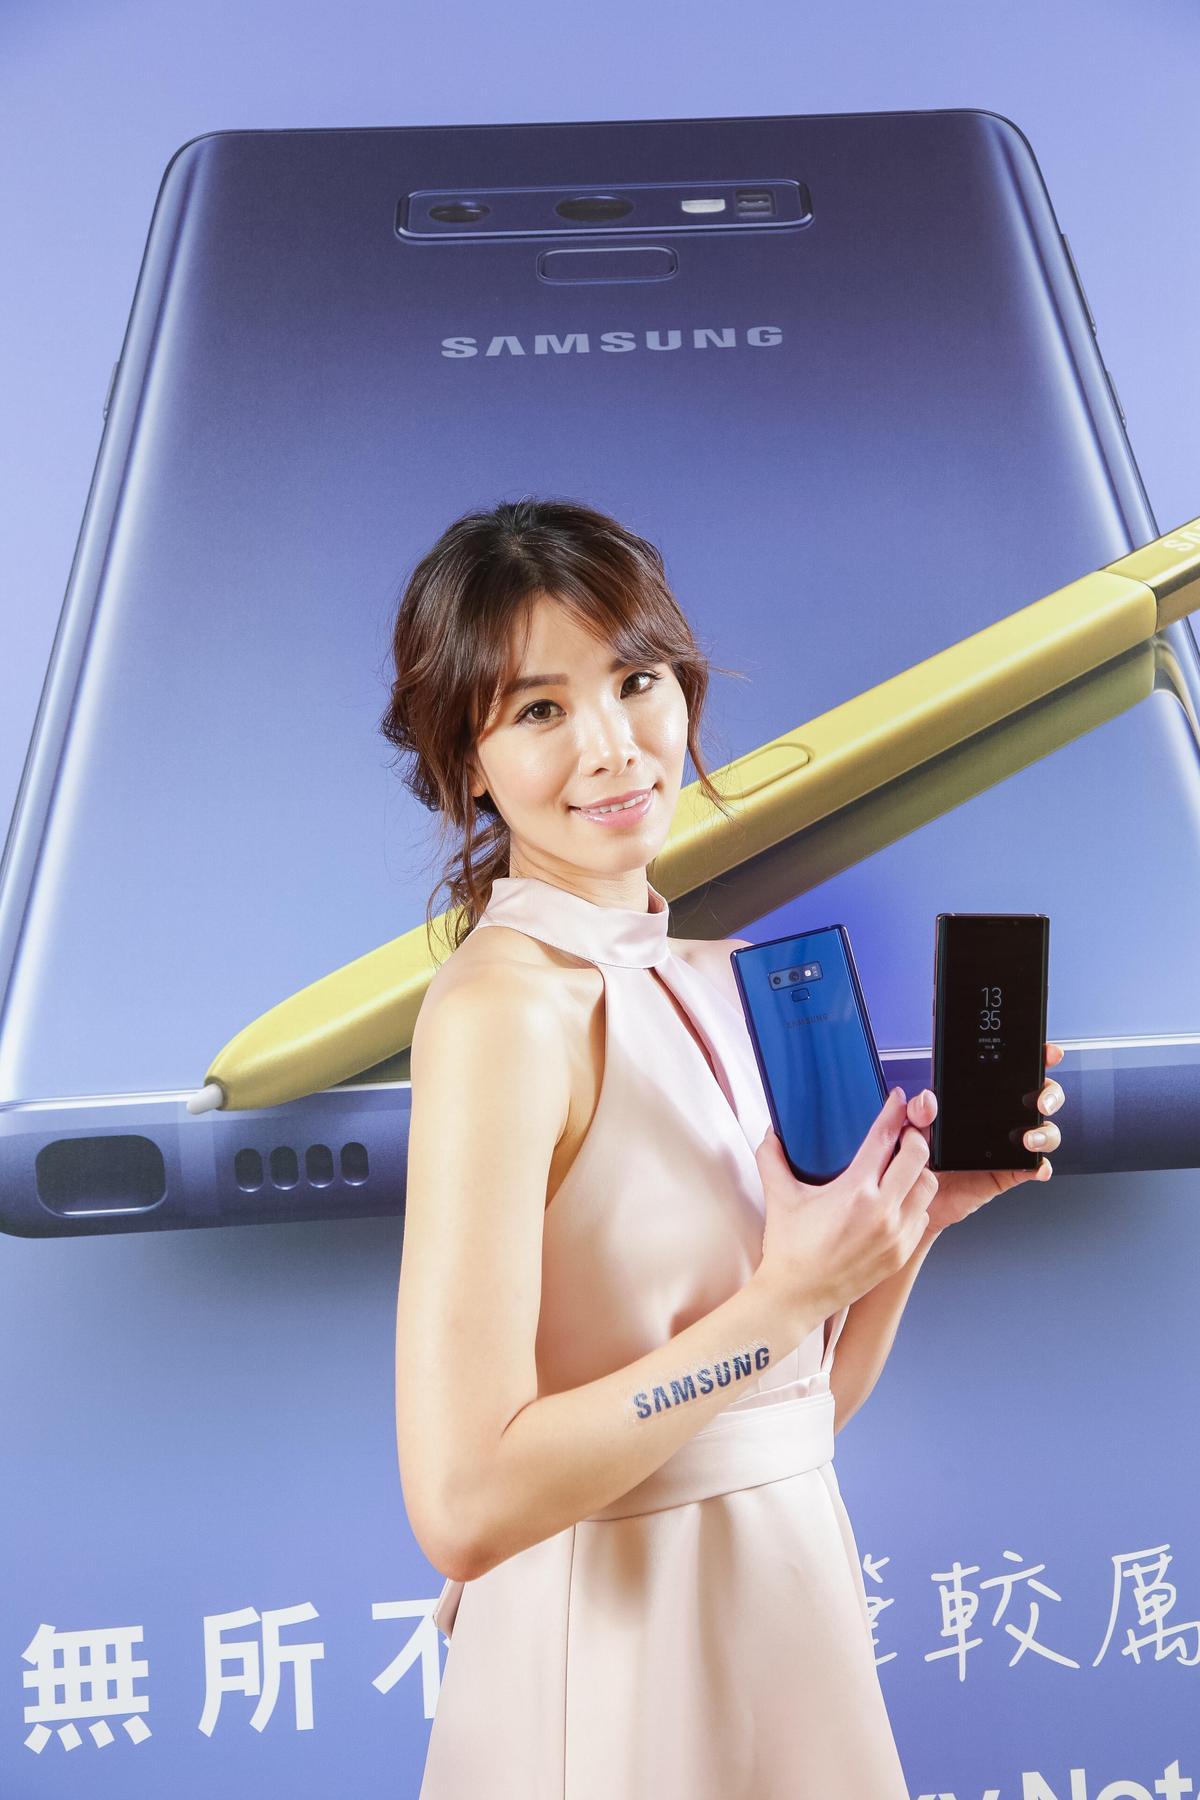 最被用戶喜愛的手寫筆S Pen,加入電容充電技術的S Pen,不但支援藍芽,還能夠可遠端操作相機拍照或投影片展示。(台灣三星提供)